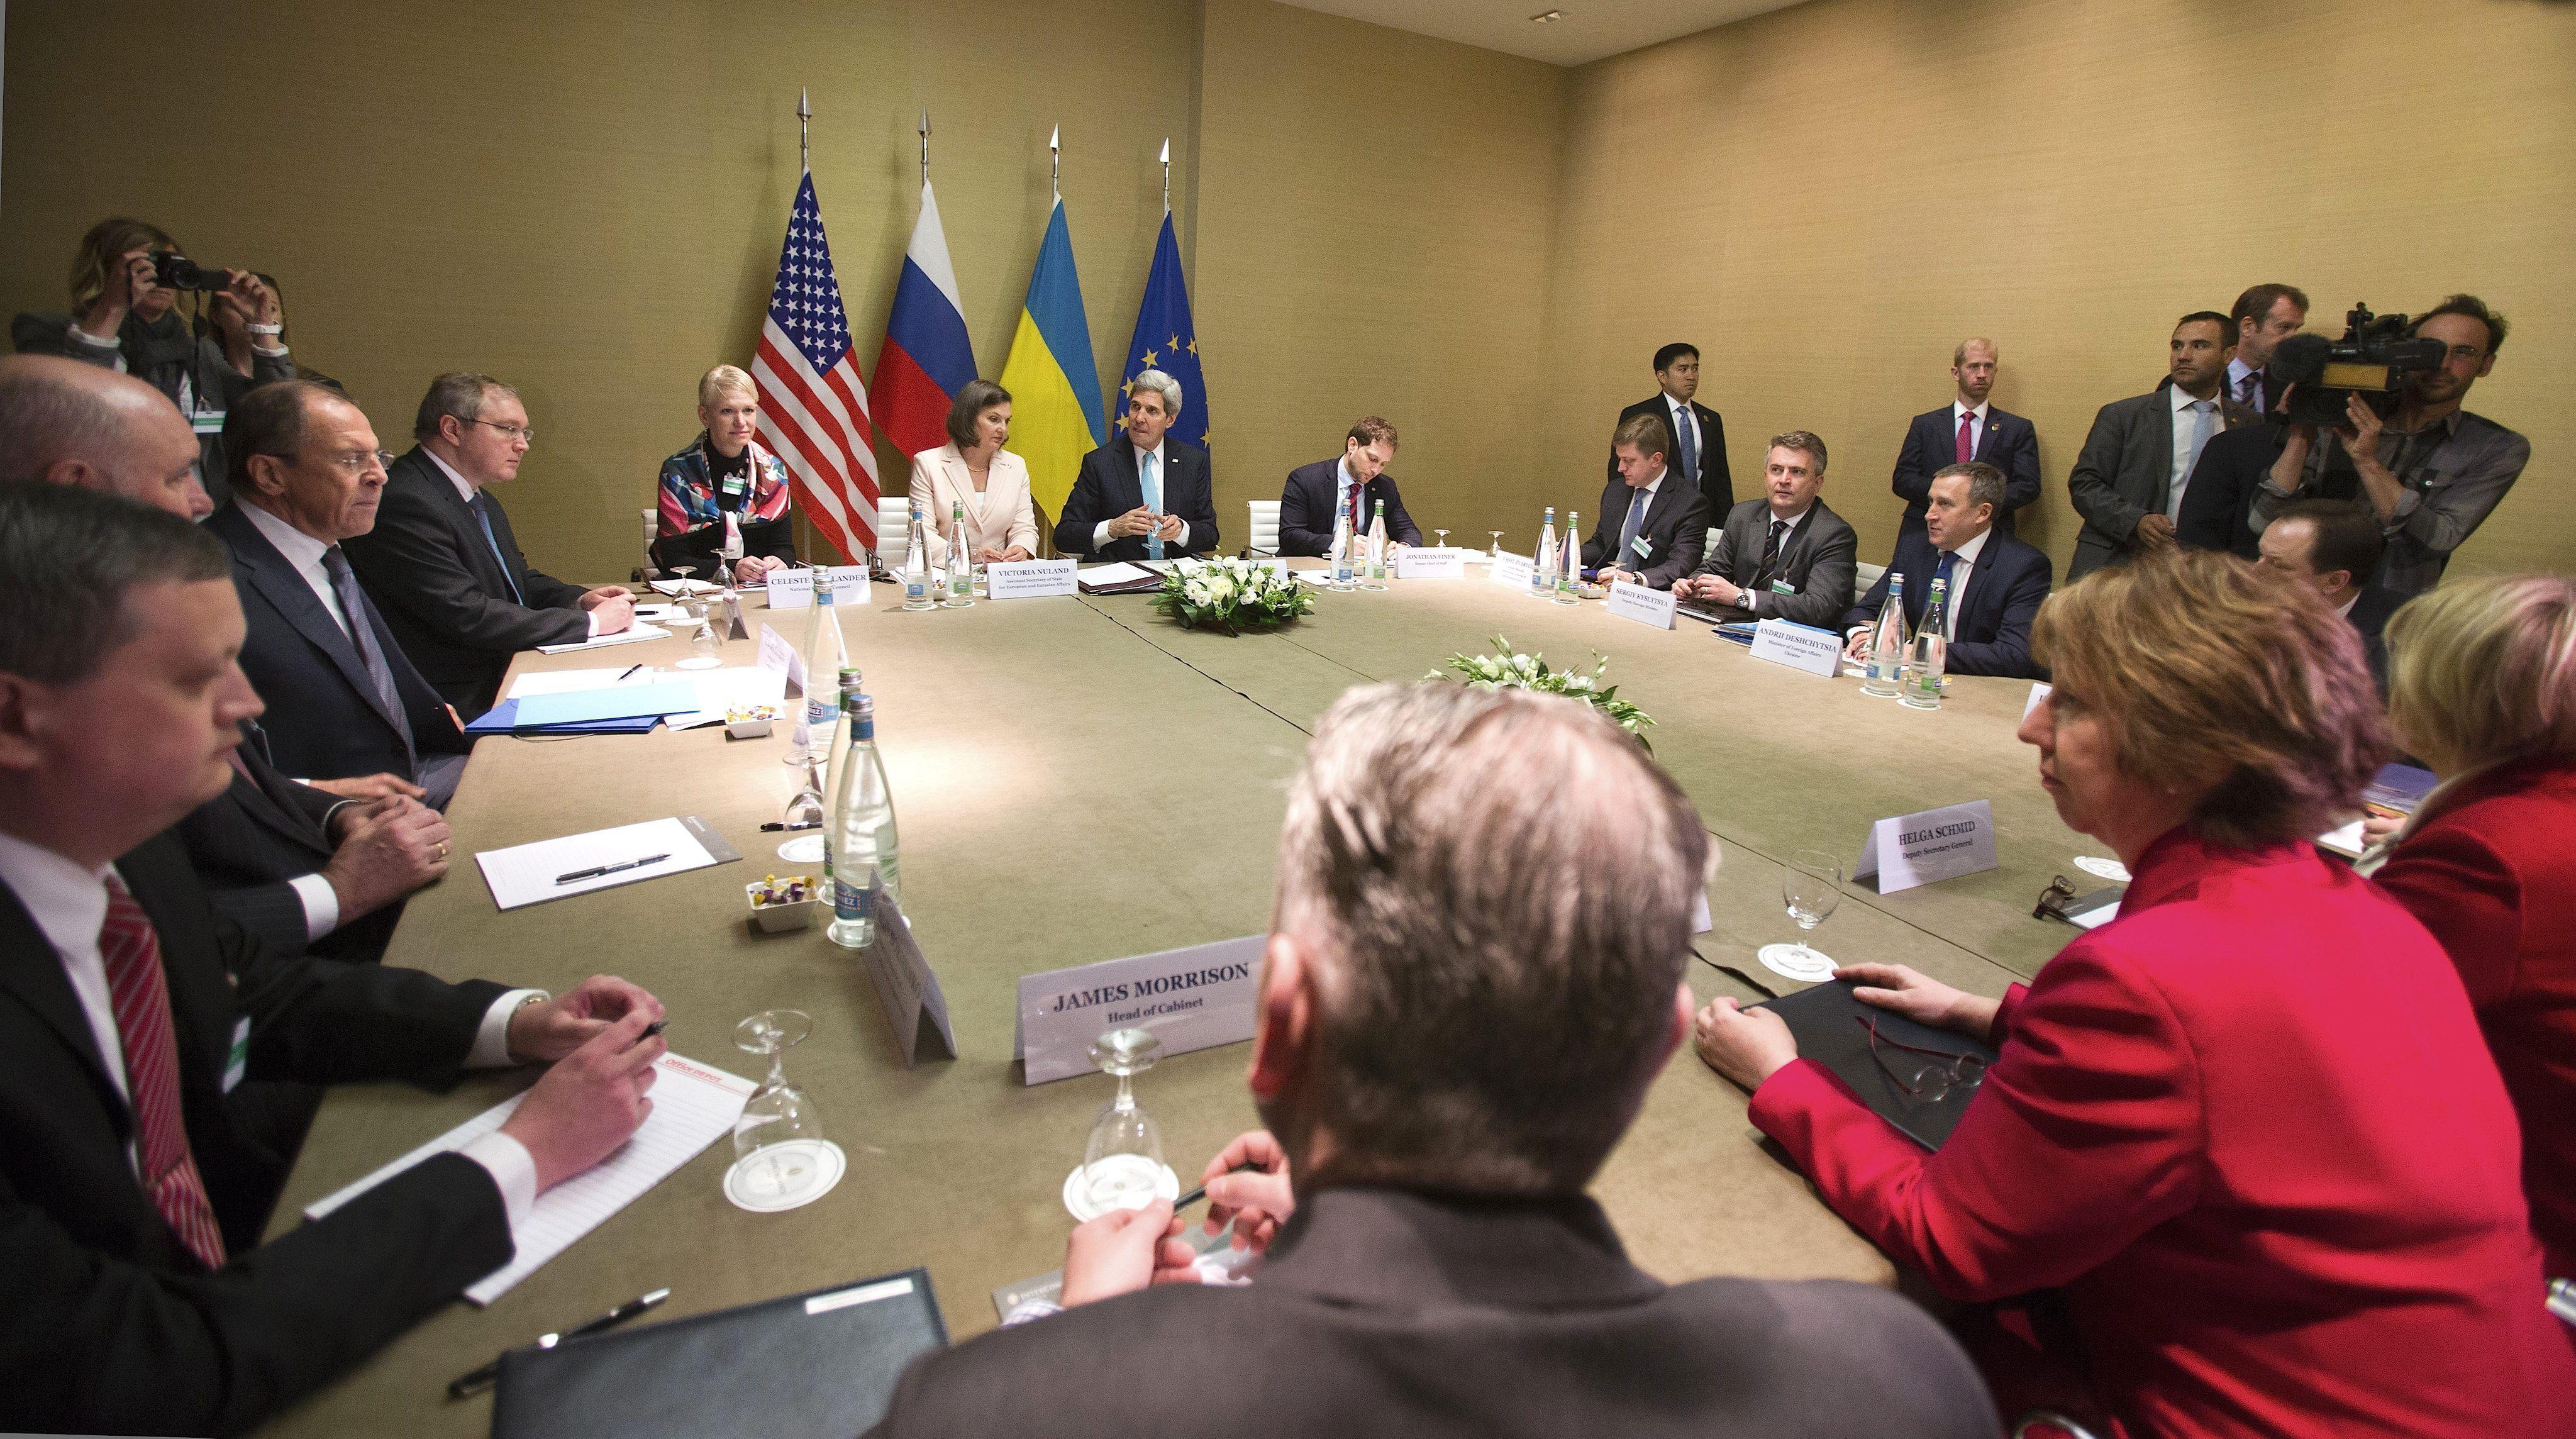 Estados Unidos, Rusia, Ucrania y la UE establecen la hoja de ruta para resolver la crisis